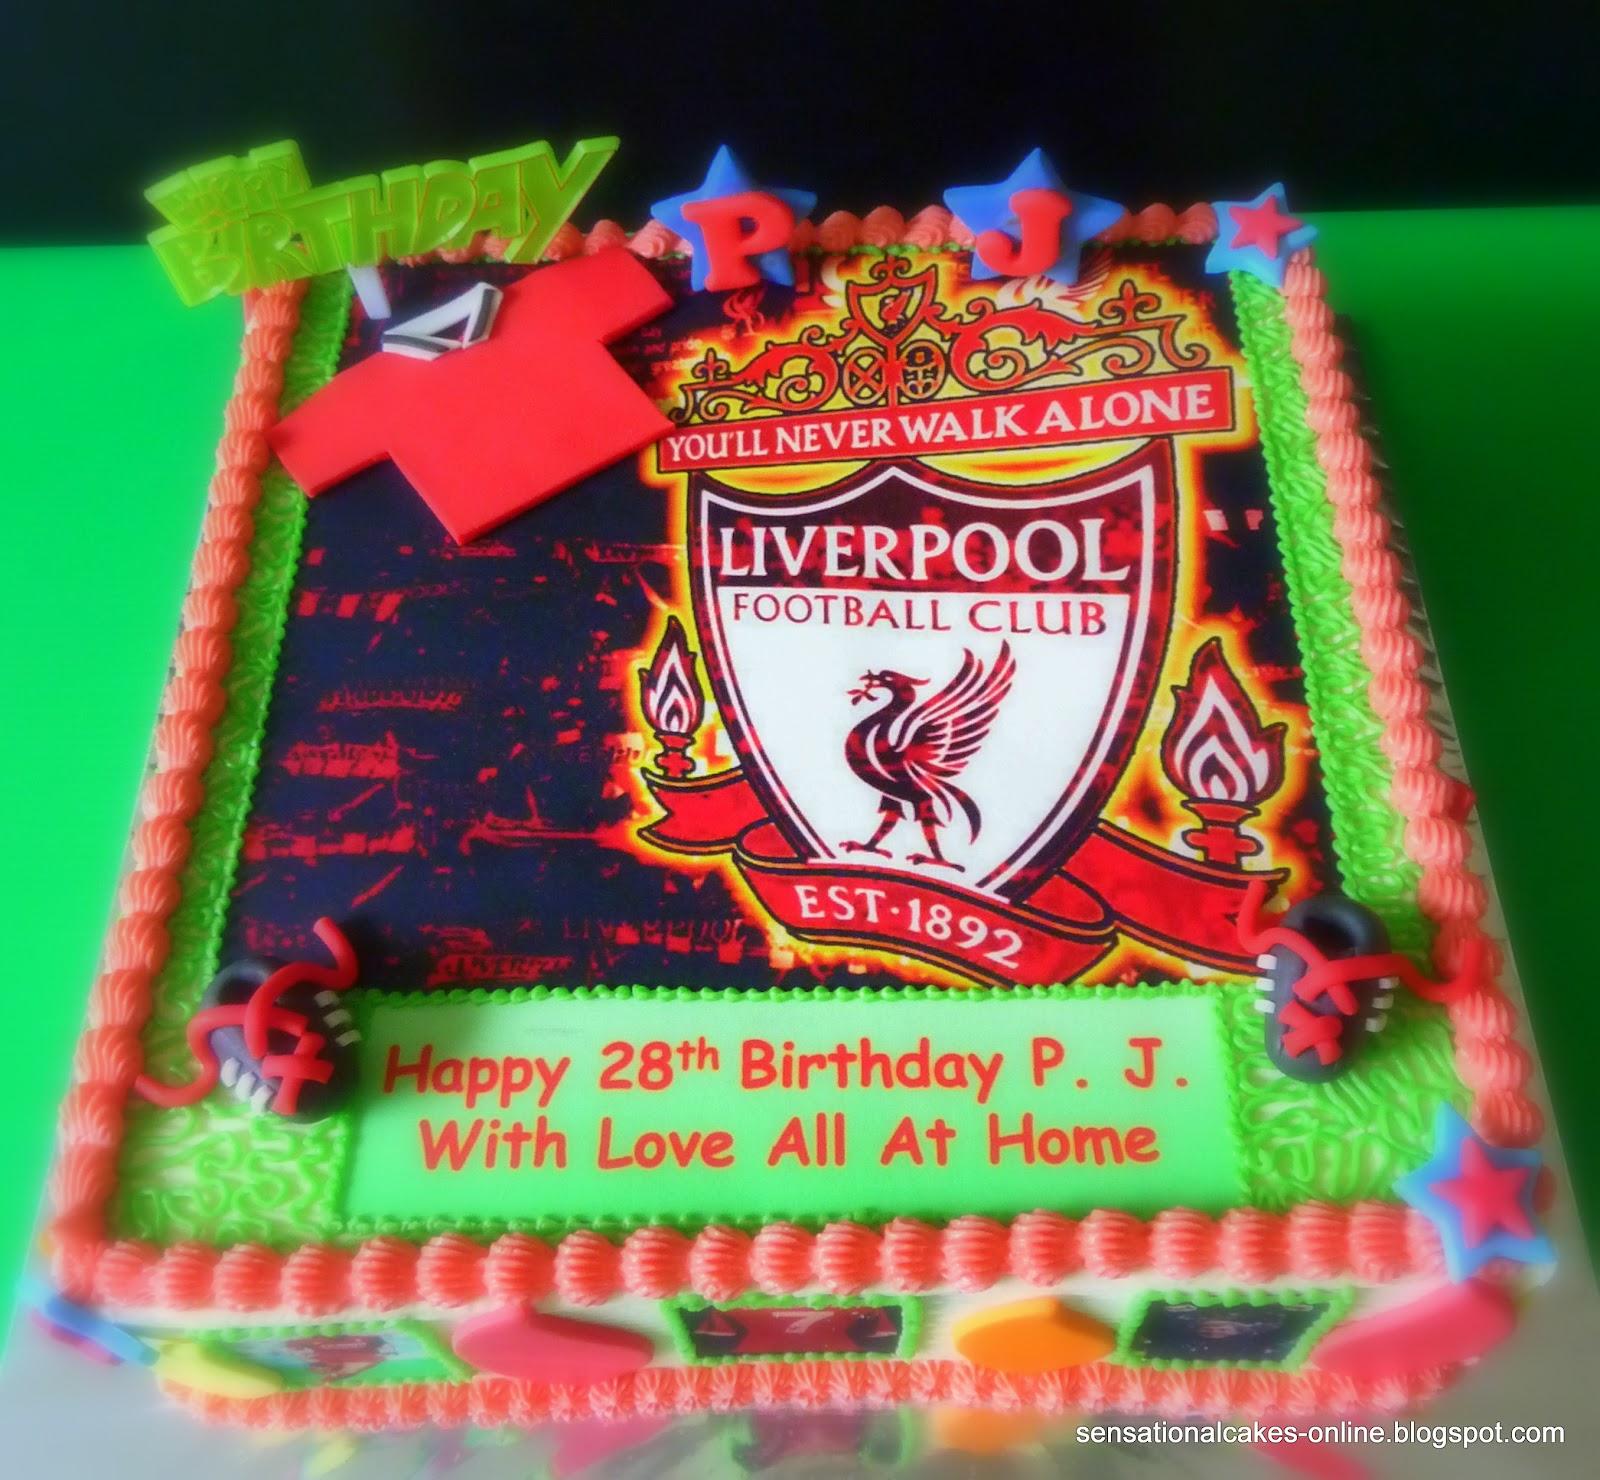 Cake Inspiration Liverpool Football Club Cake Singapore Soccer